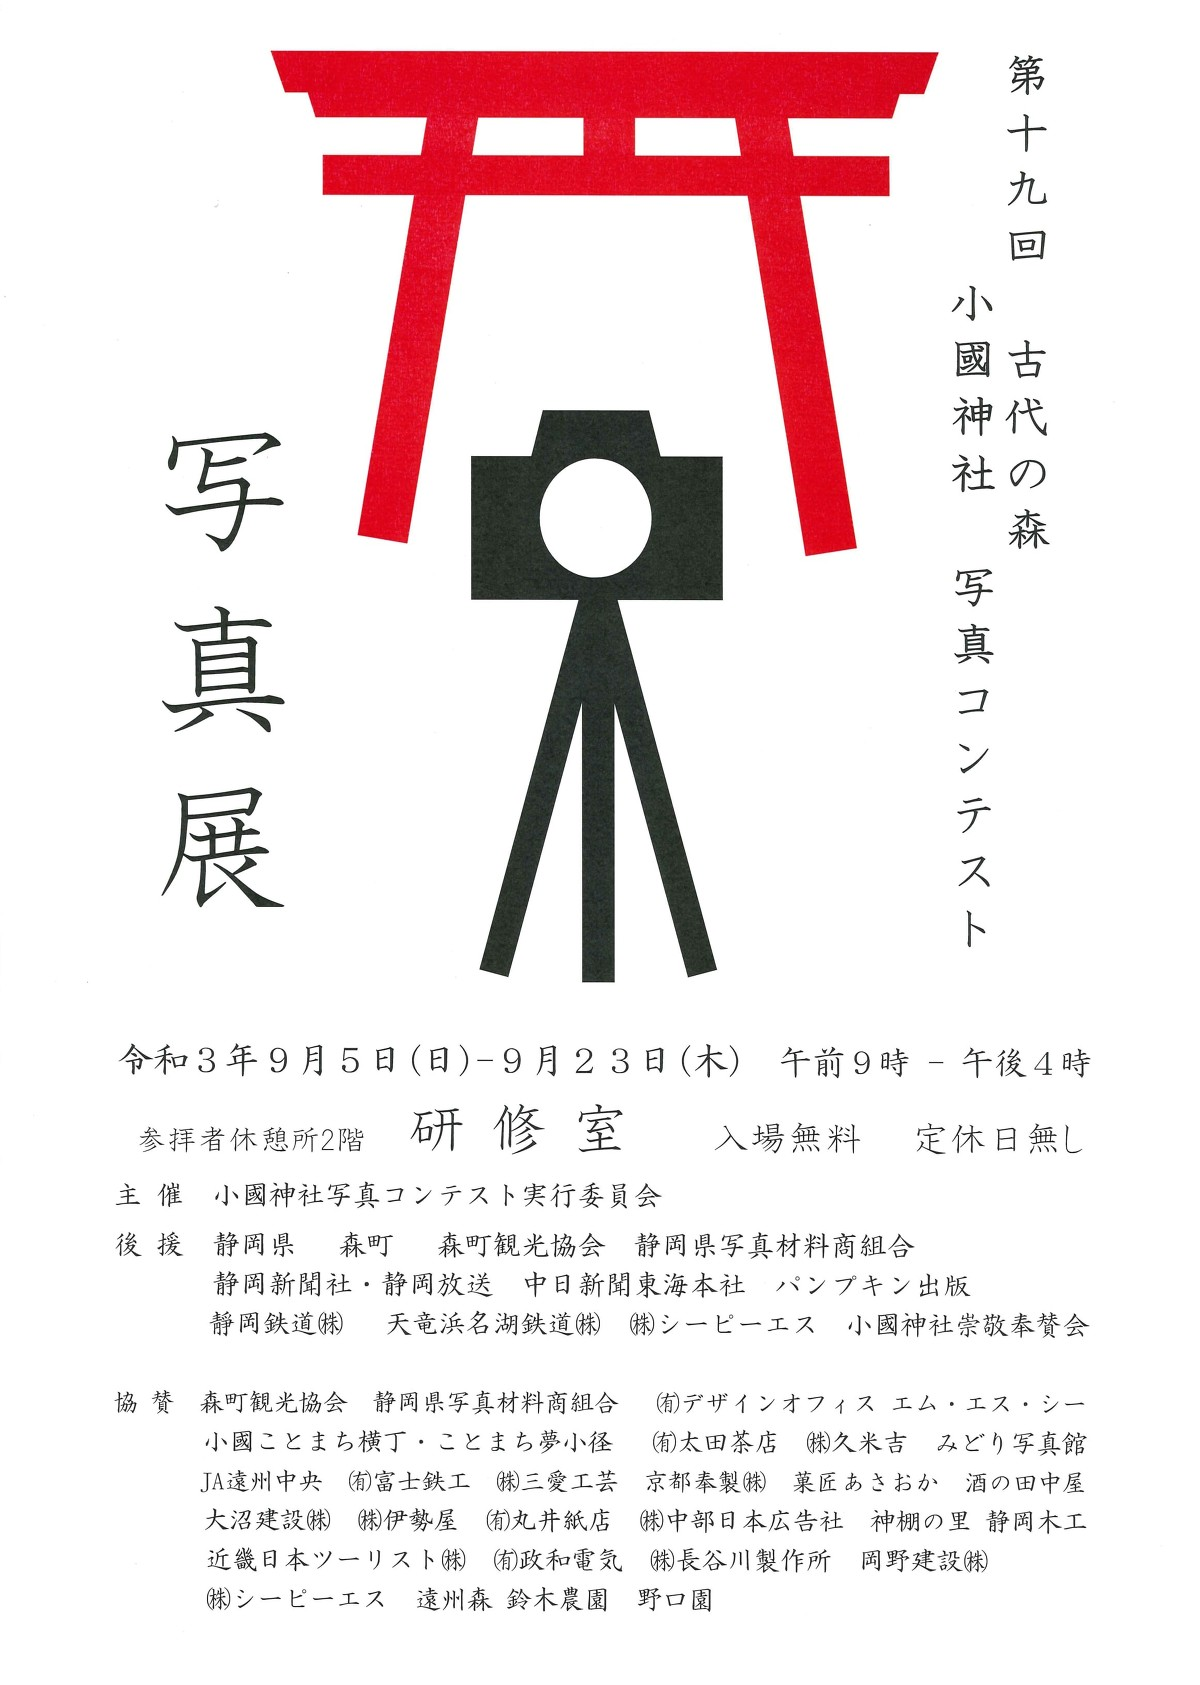 第19回 古代の森 小國神社写真コンテスト 写真展を開催いたします。 令和3年9月5日(日) ~ 9月23日(木)